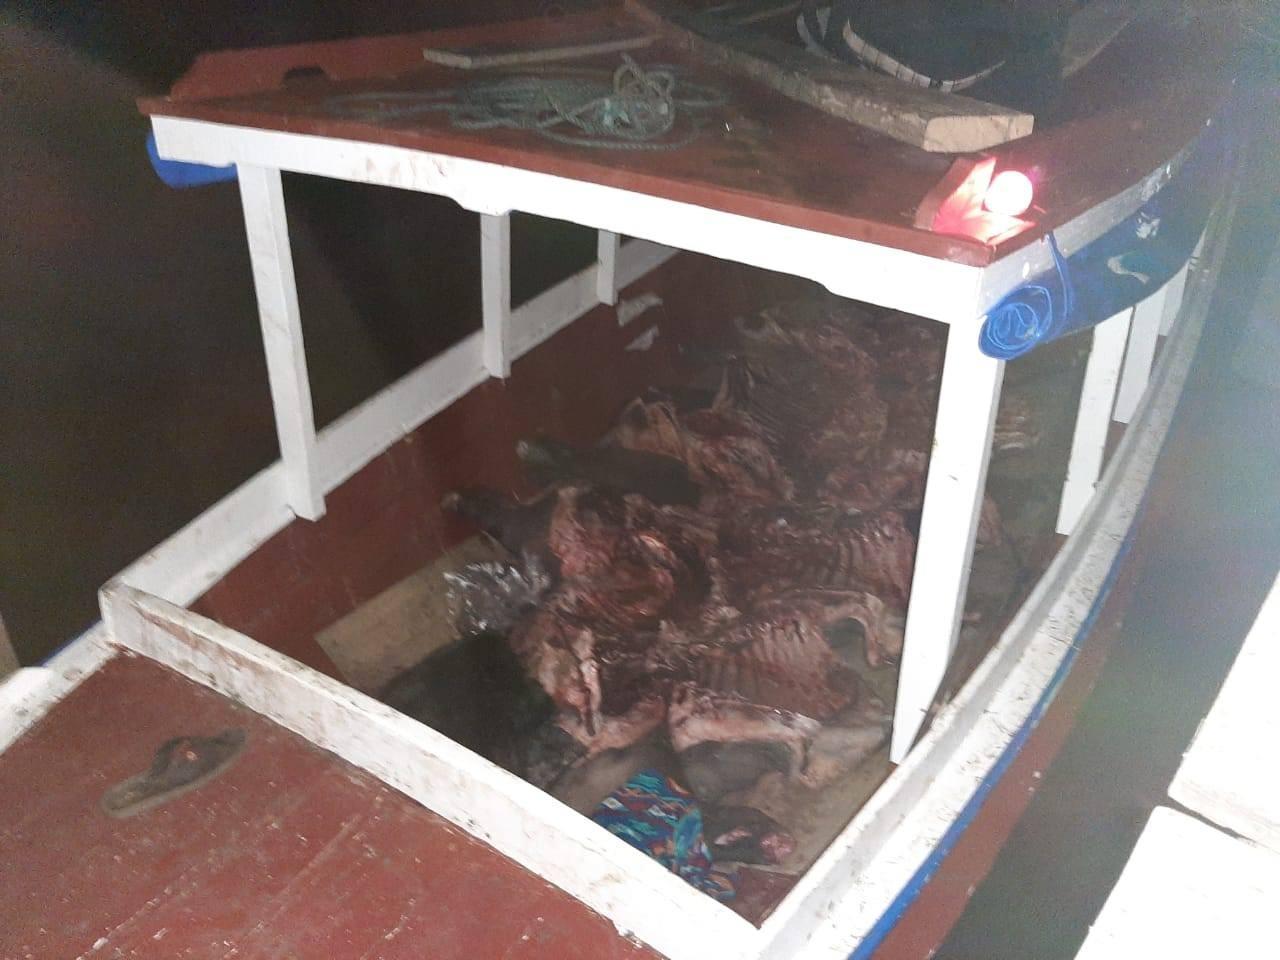 Grupo invade casa e rouba carne de 4 búfalos, voadeira e motor na área rural de Mazagão, no AP - Notícias - Plantão Diário